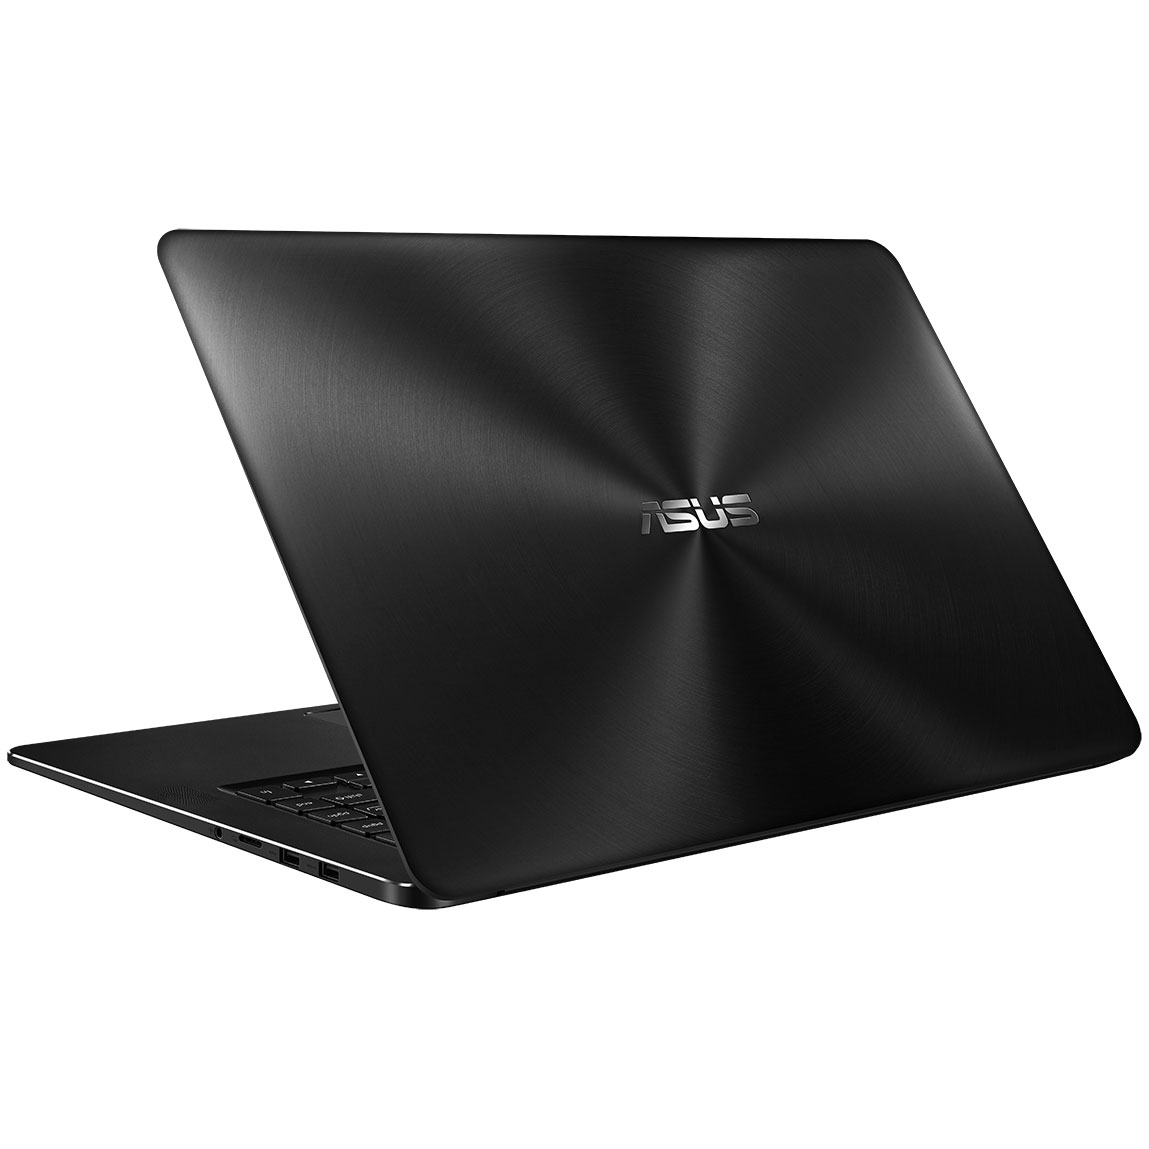 ZenBook Pro UX550VD-BN022R (90NB0ET2-M03420) - Achat / Vente PC portable sur Picata.fr - 1